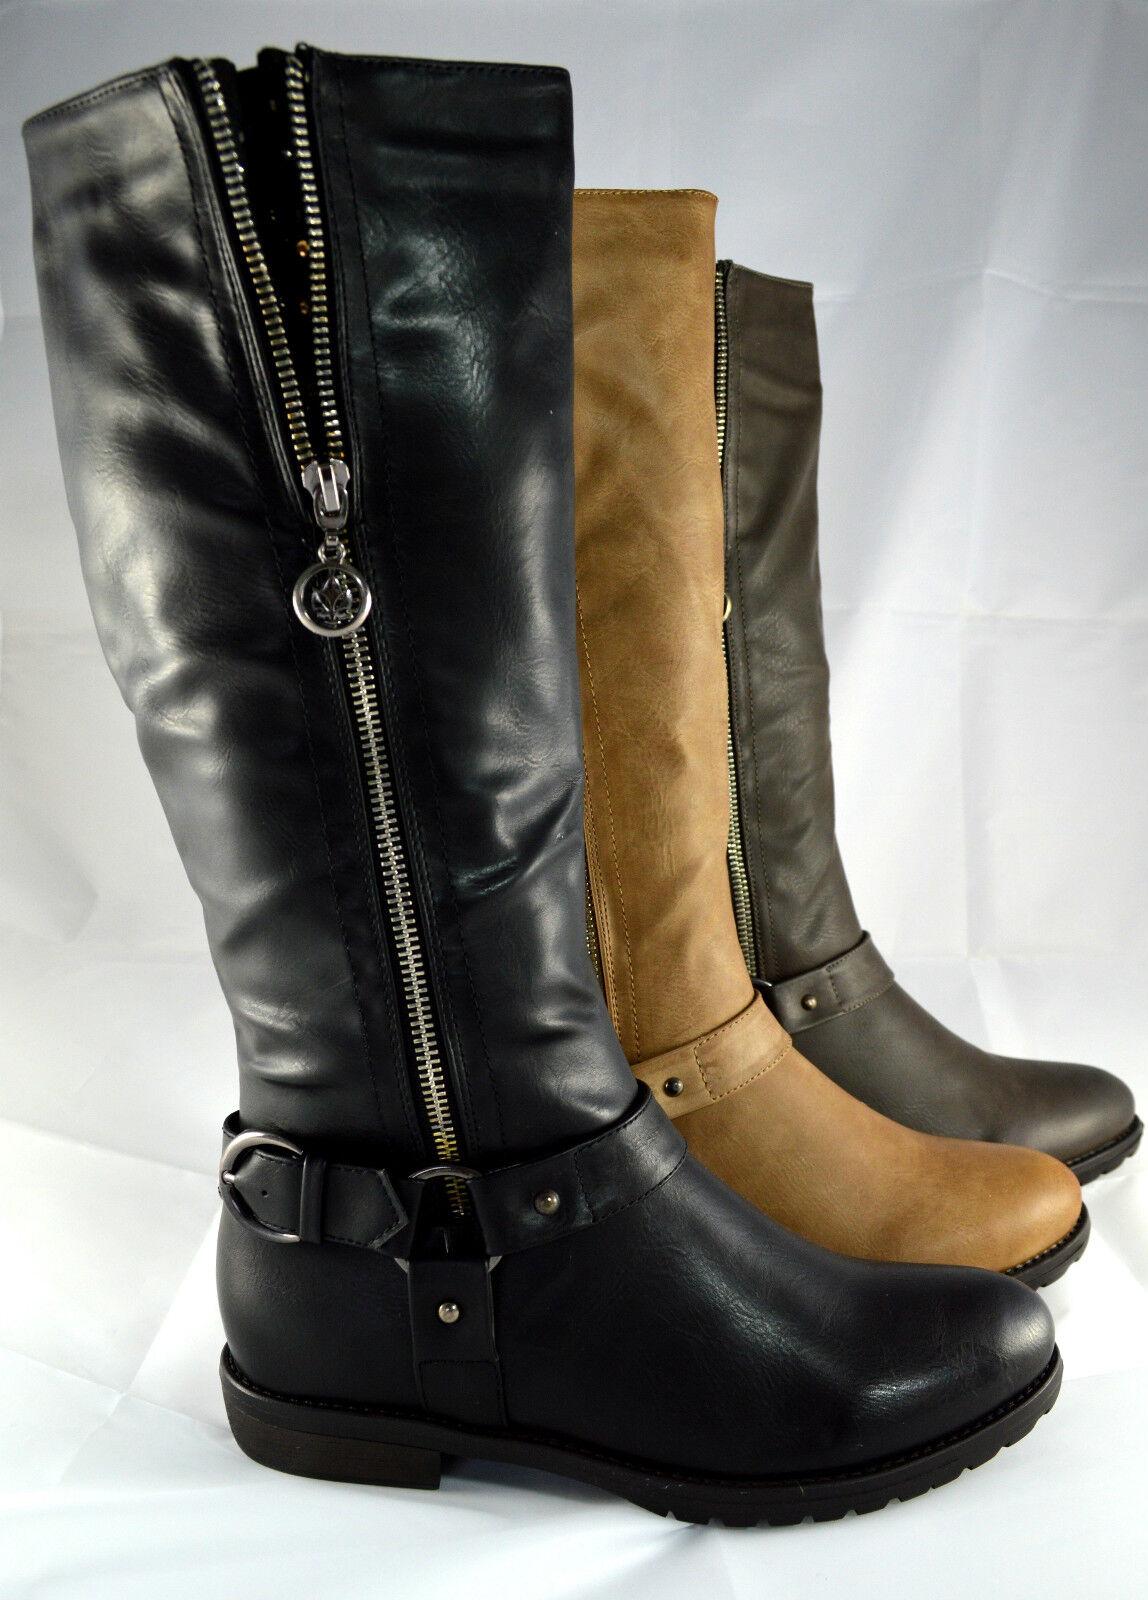 Zapatos  mujer lederopt botines botas botas de invierno T. gr.36-41 lederopt mujer A. C003 466641